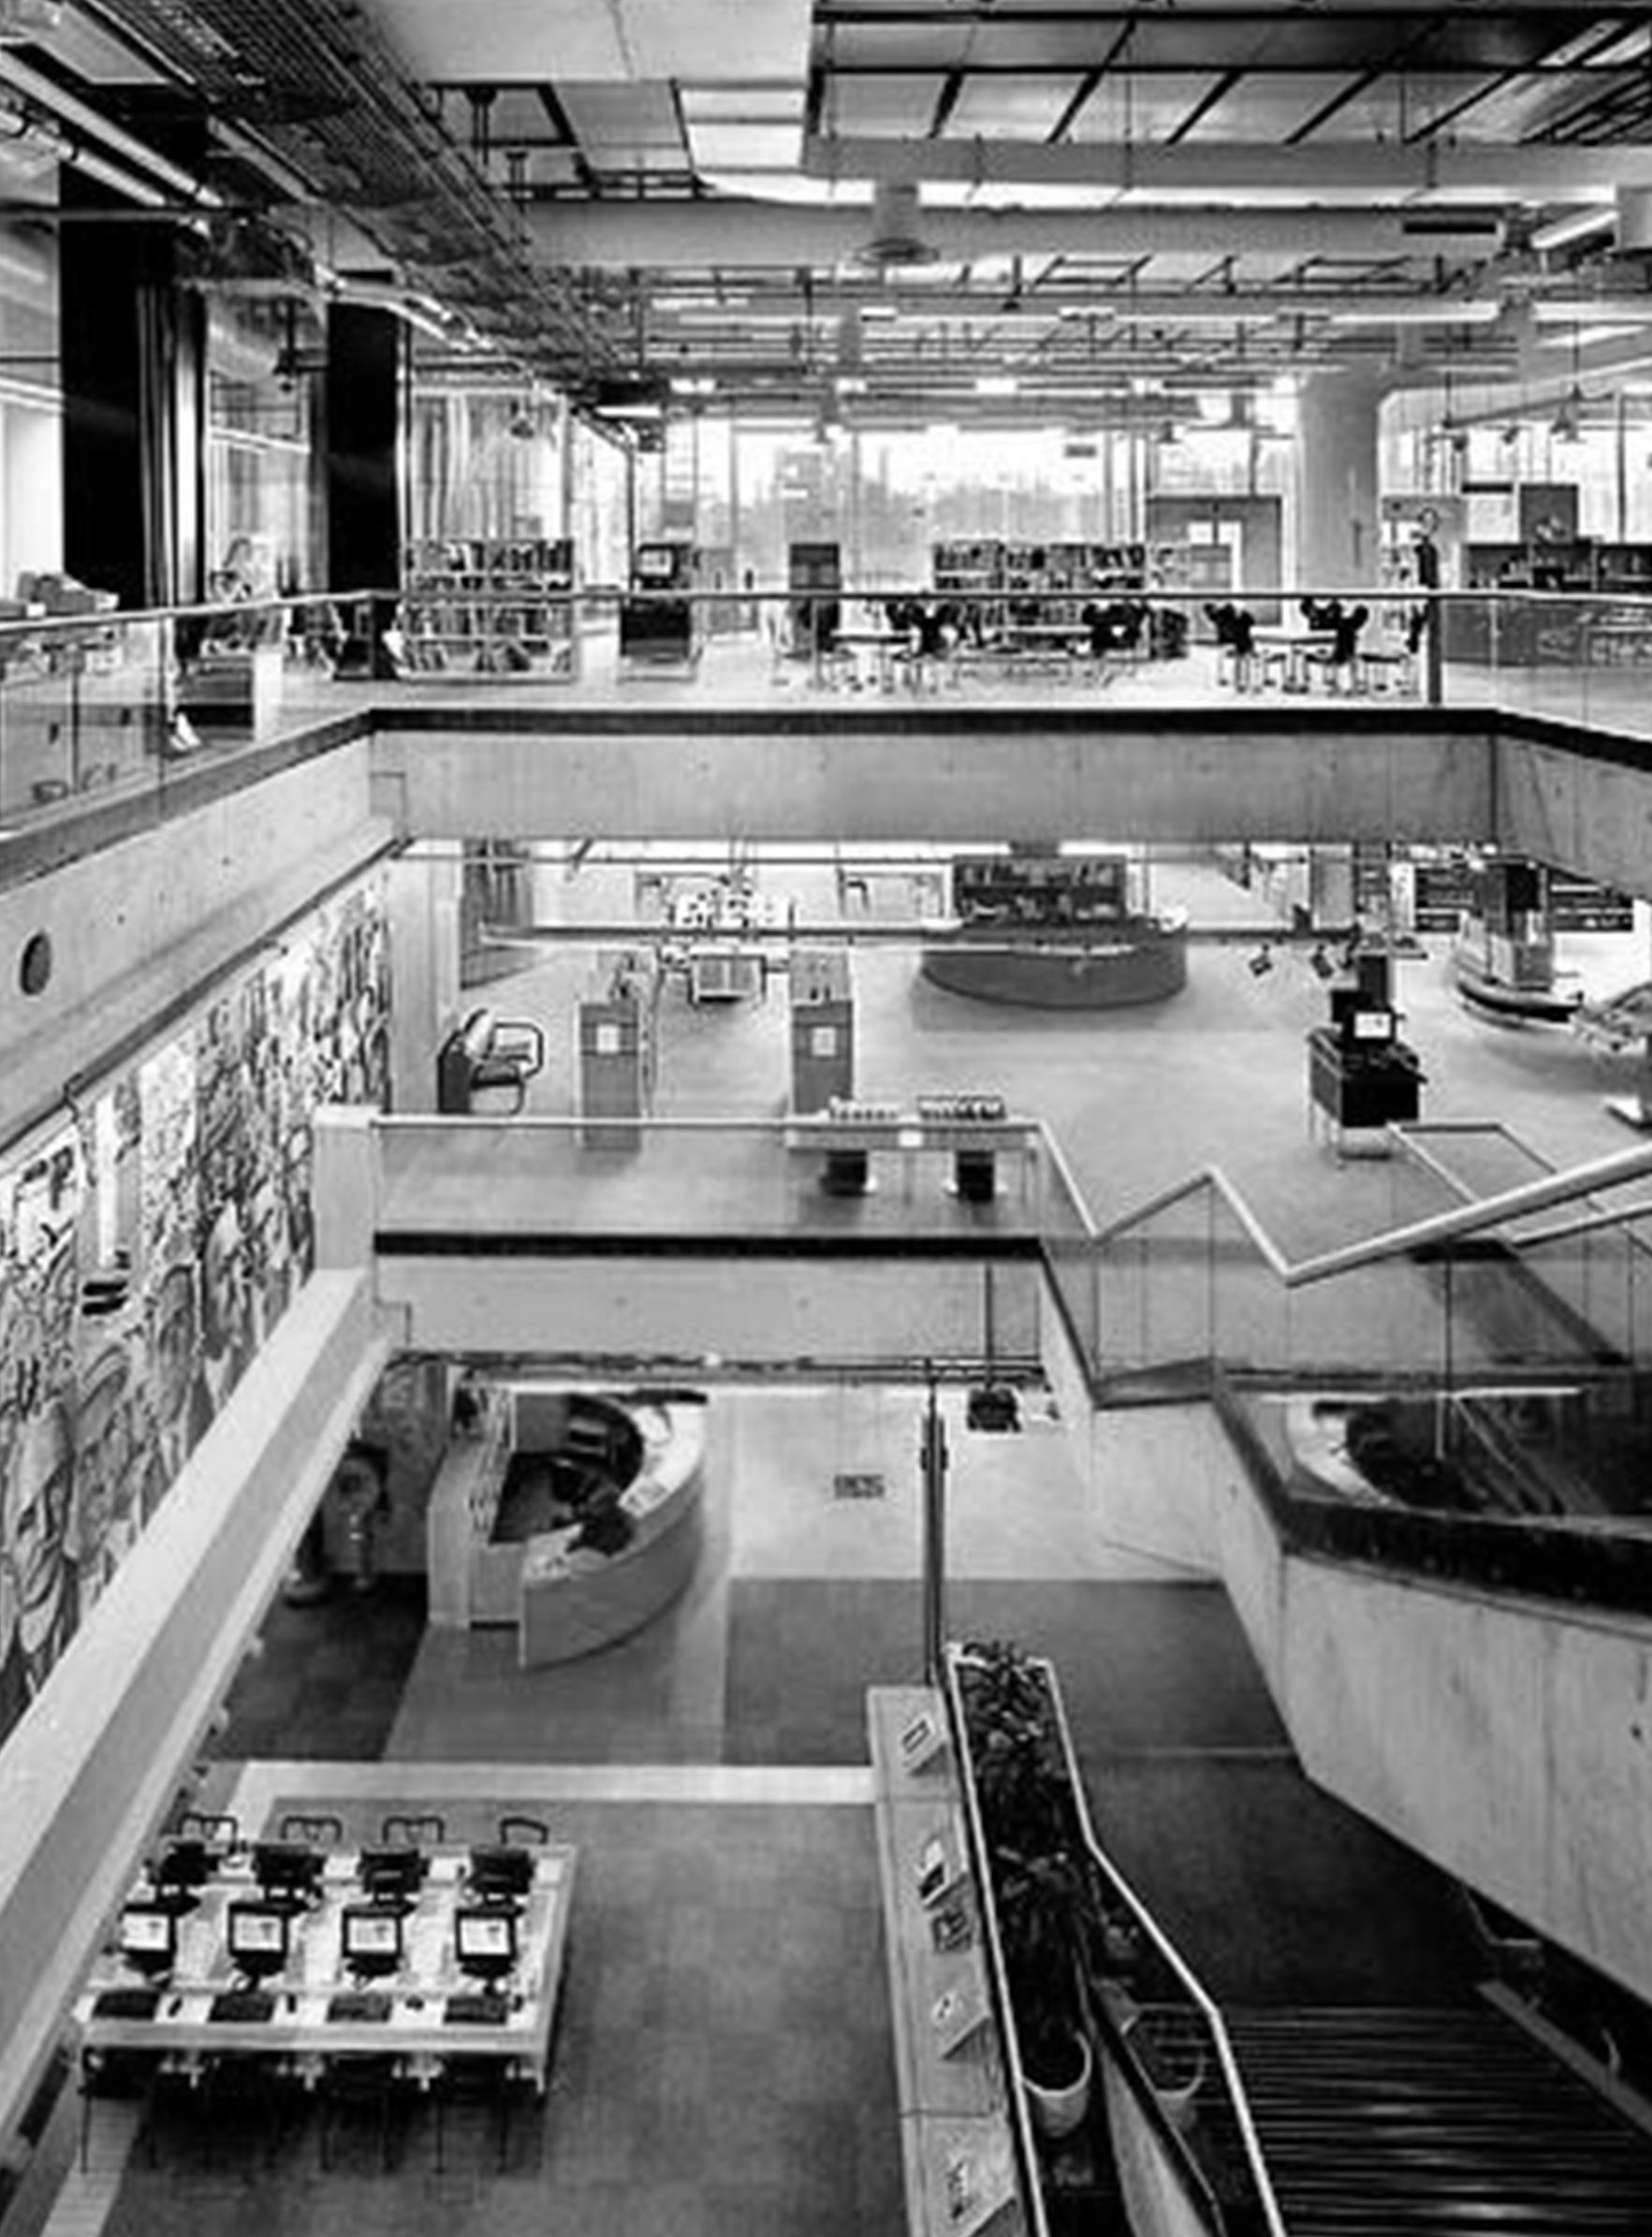 La Maison BSI 01 - Friches + Culturel - Caractère Spécial - Matthieu Poitevin Architecture